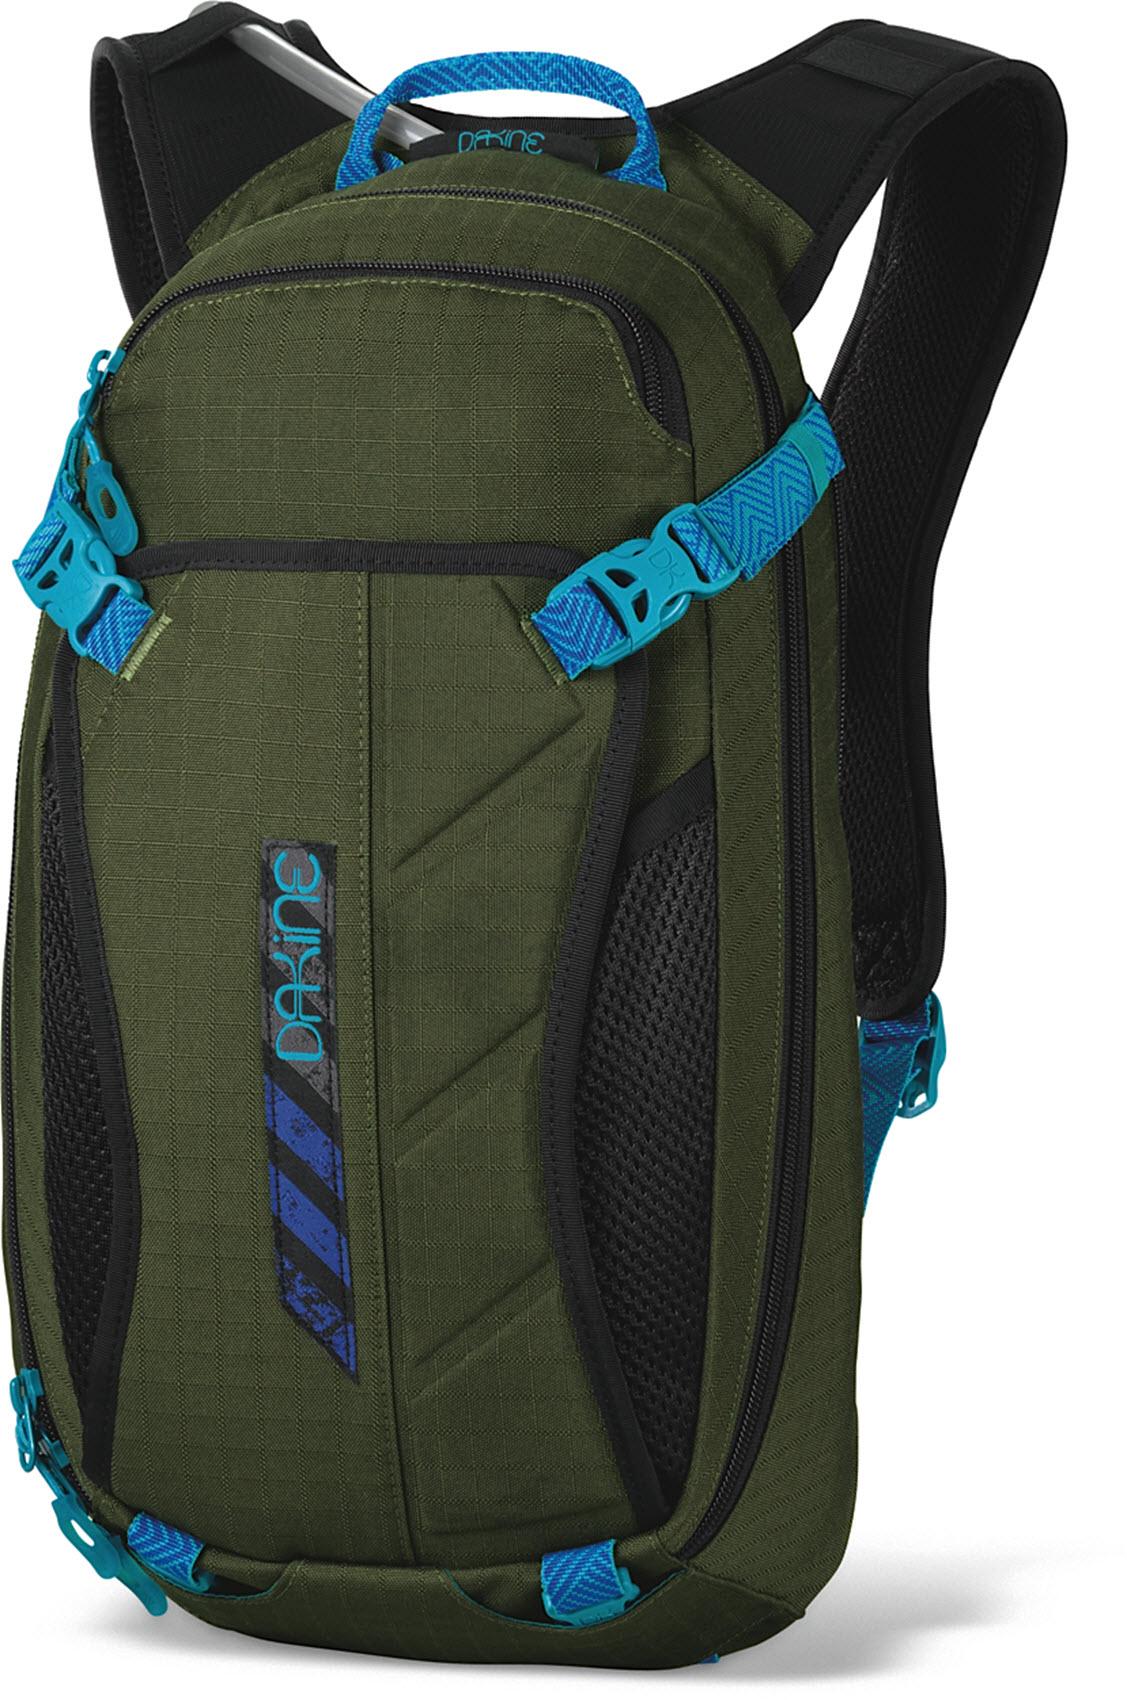 0c0915793fa8 Dakine Womens Drafter 12L Bike Backpack in Olive